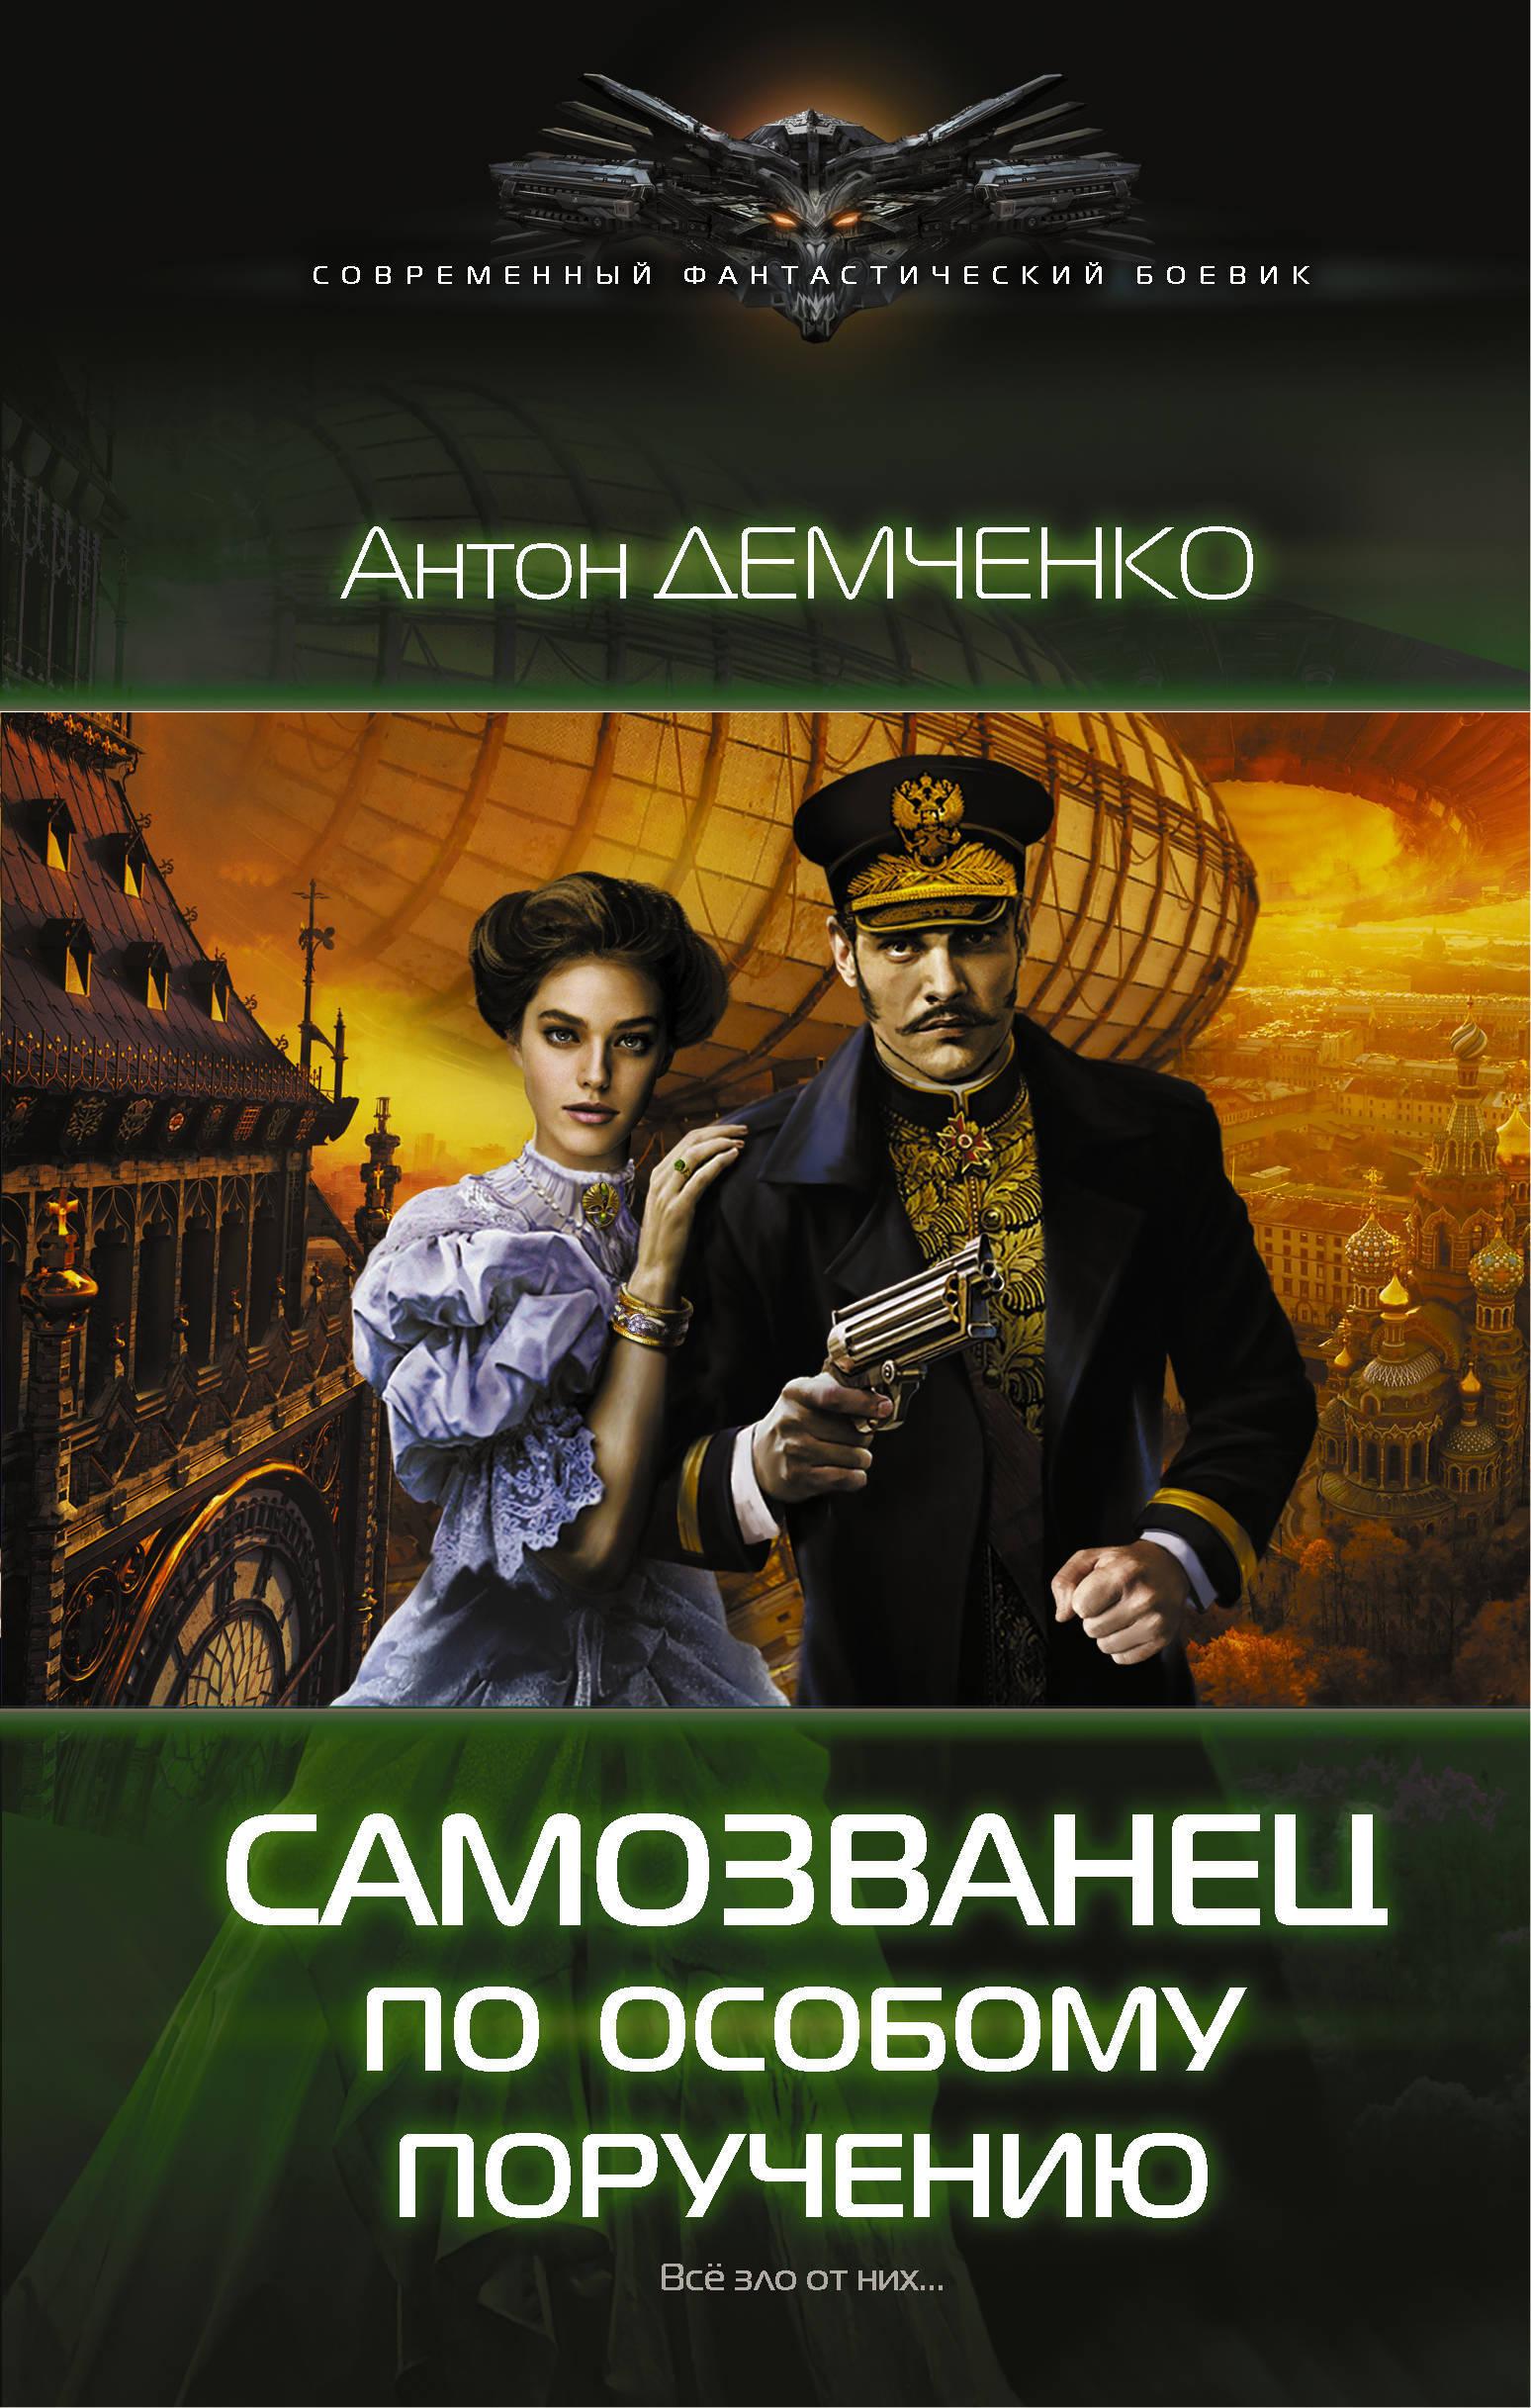 Демченко Антон Витальевич. Самозванец по особому поручению | Демченко Антон Витальевич